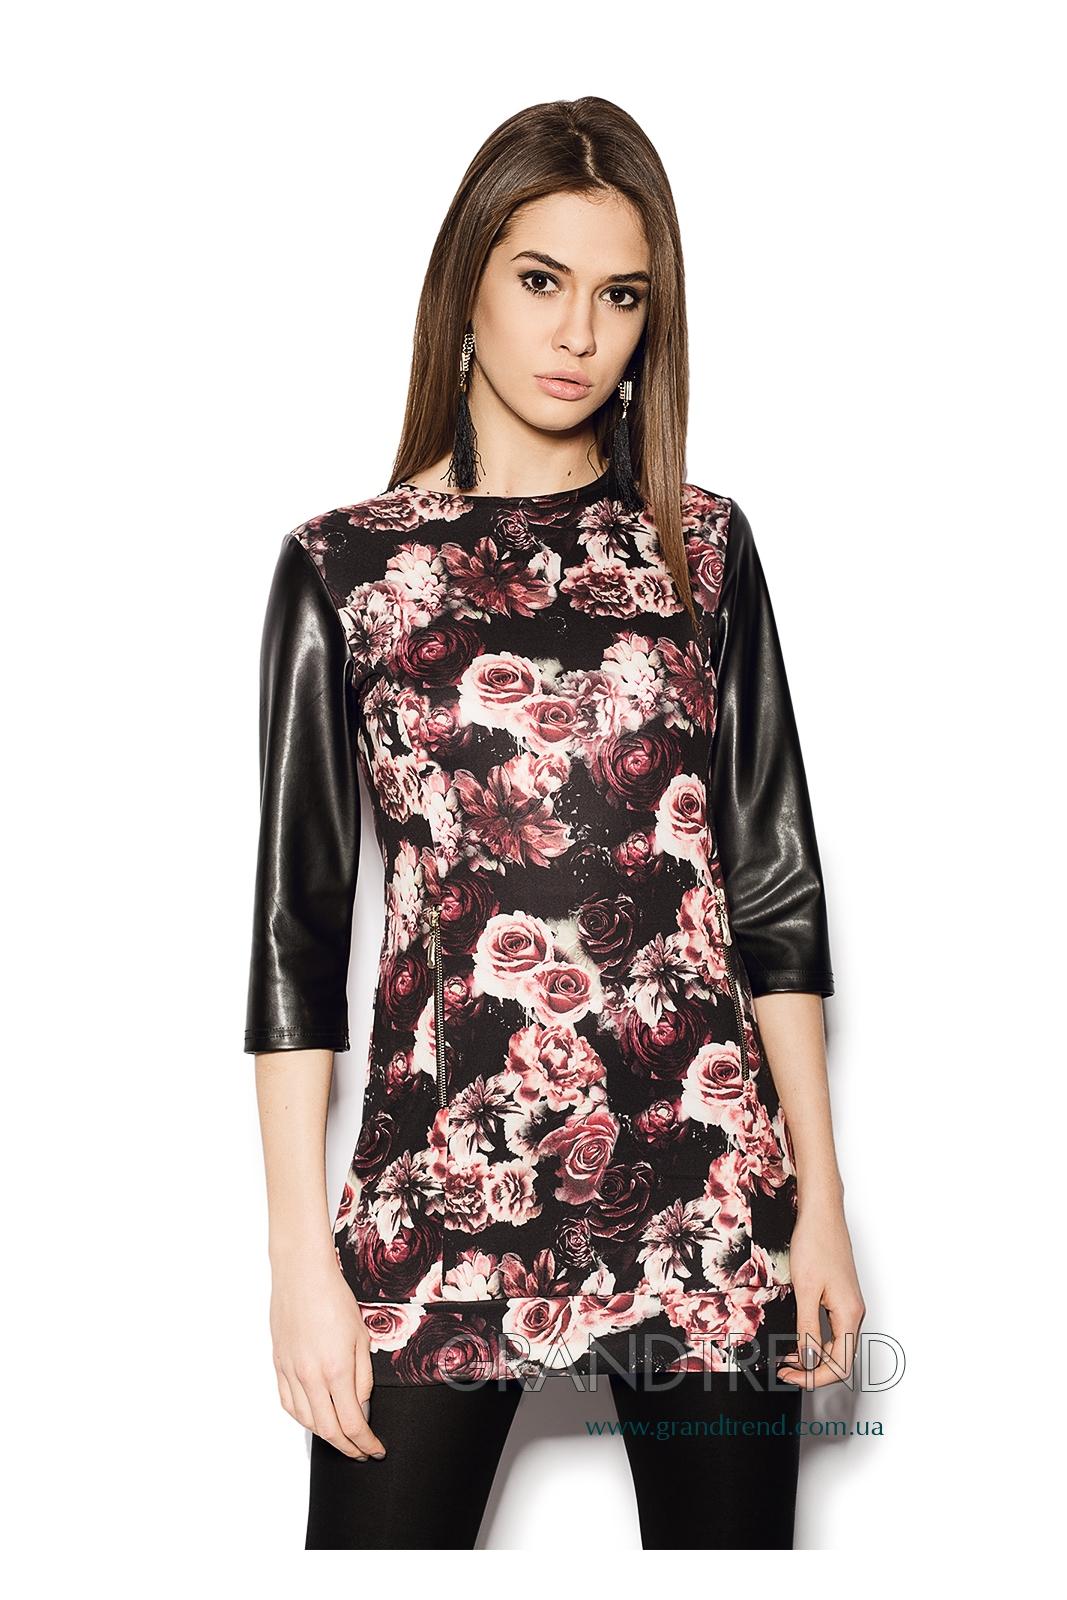 Сбор заказов.Grand Trend-мода доступная каждому.Большой выбор стильной женской одежды от верхней и платьев до нижнего белья и колготок!